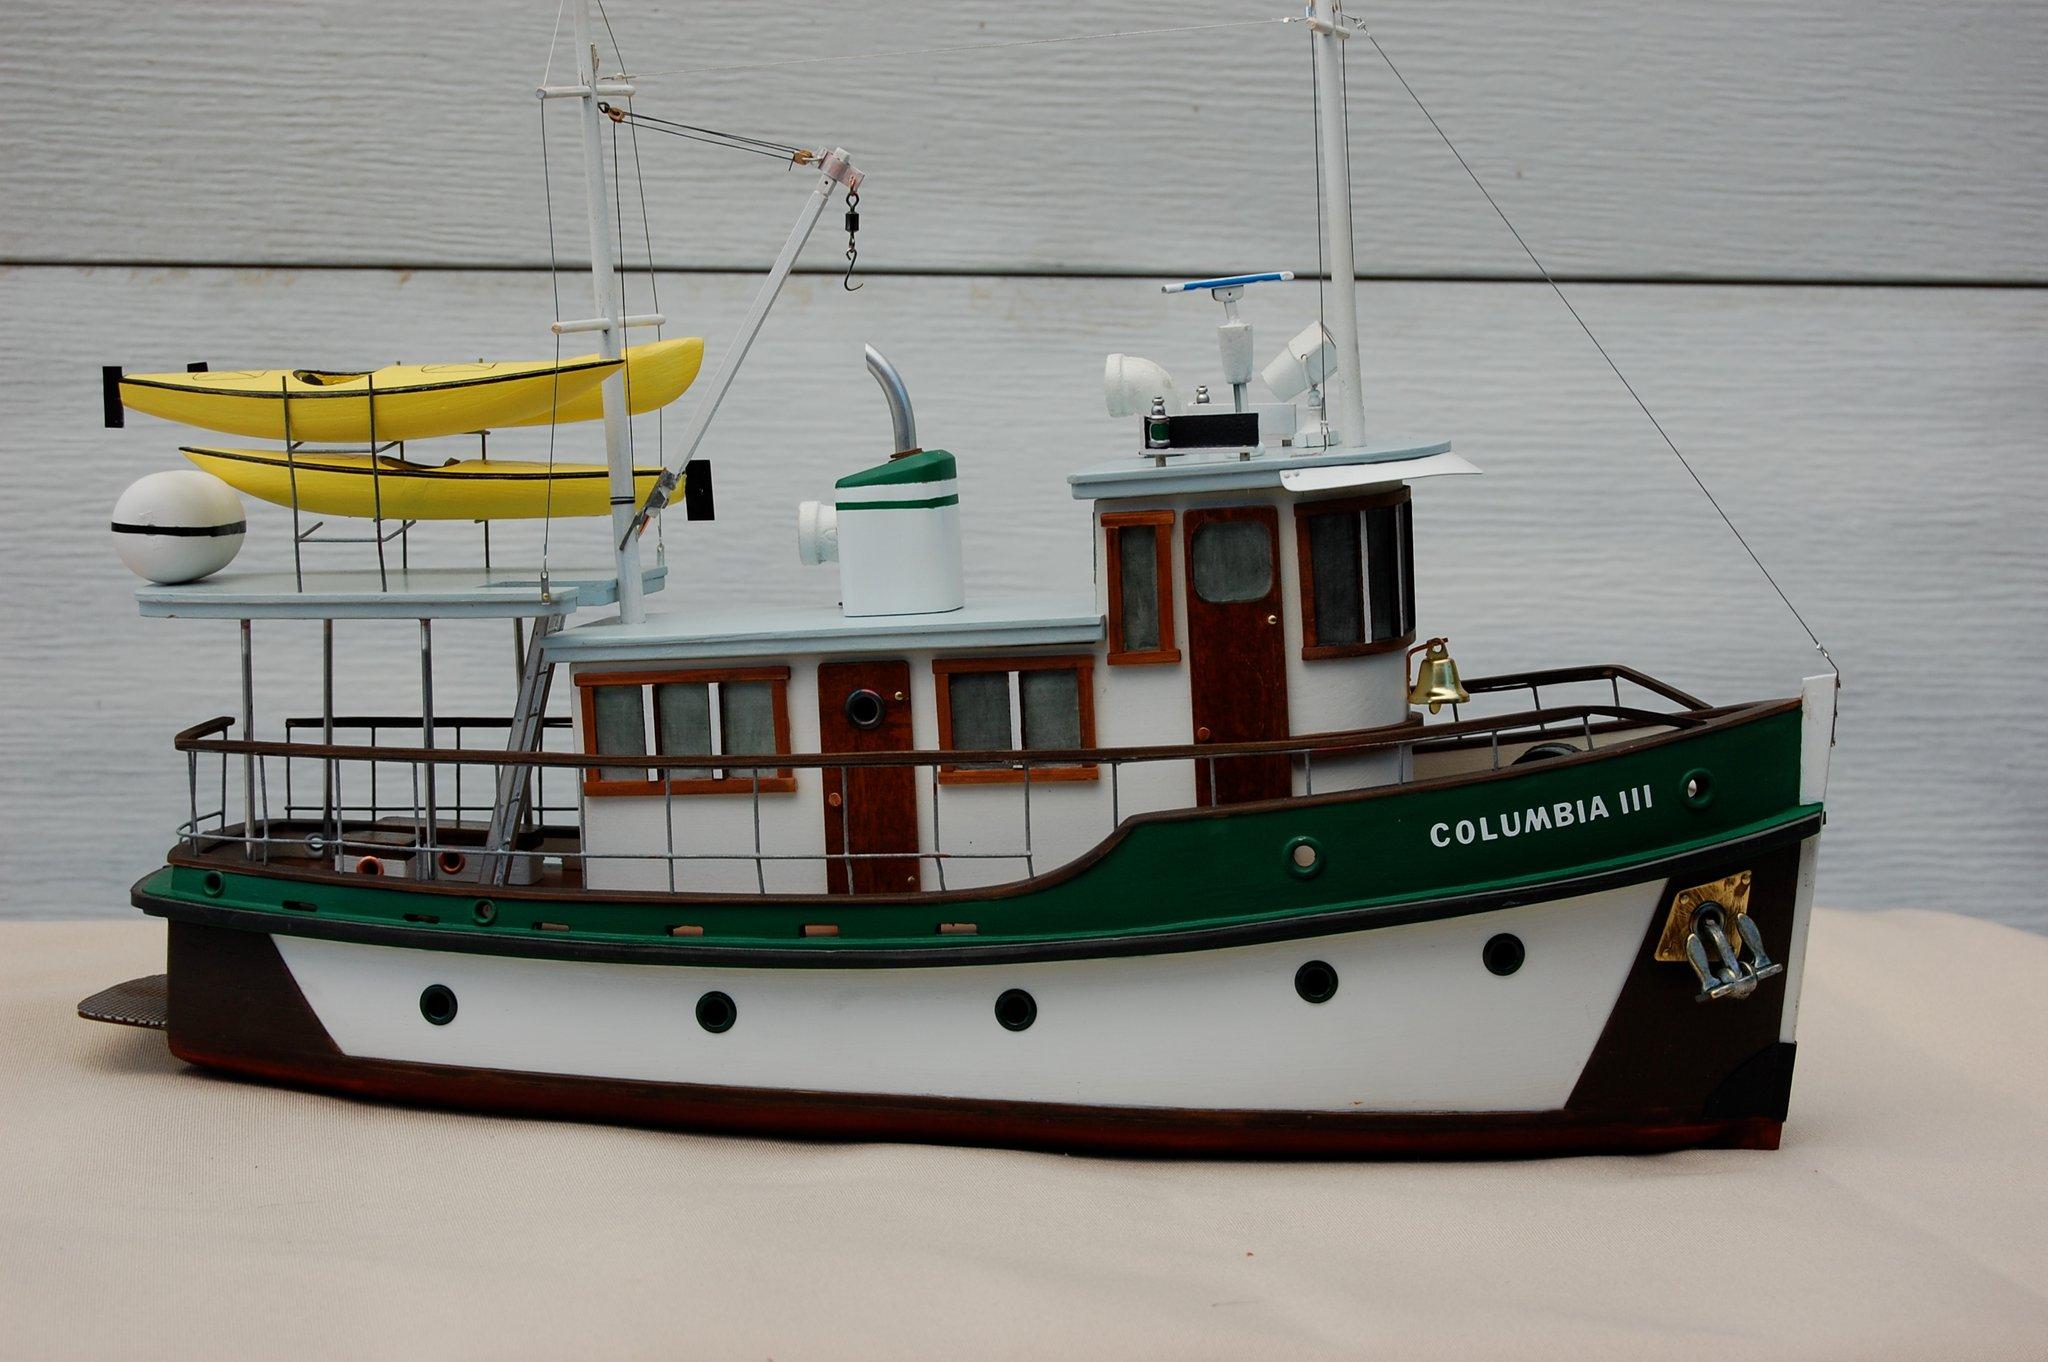 Columbia III